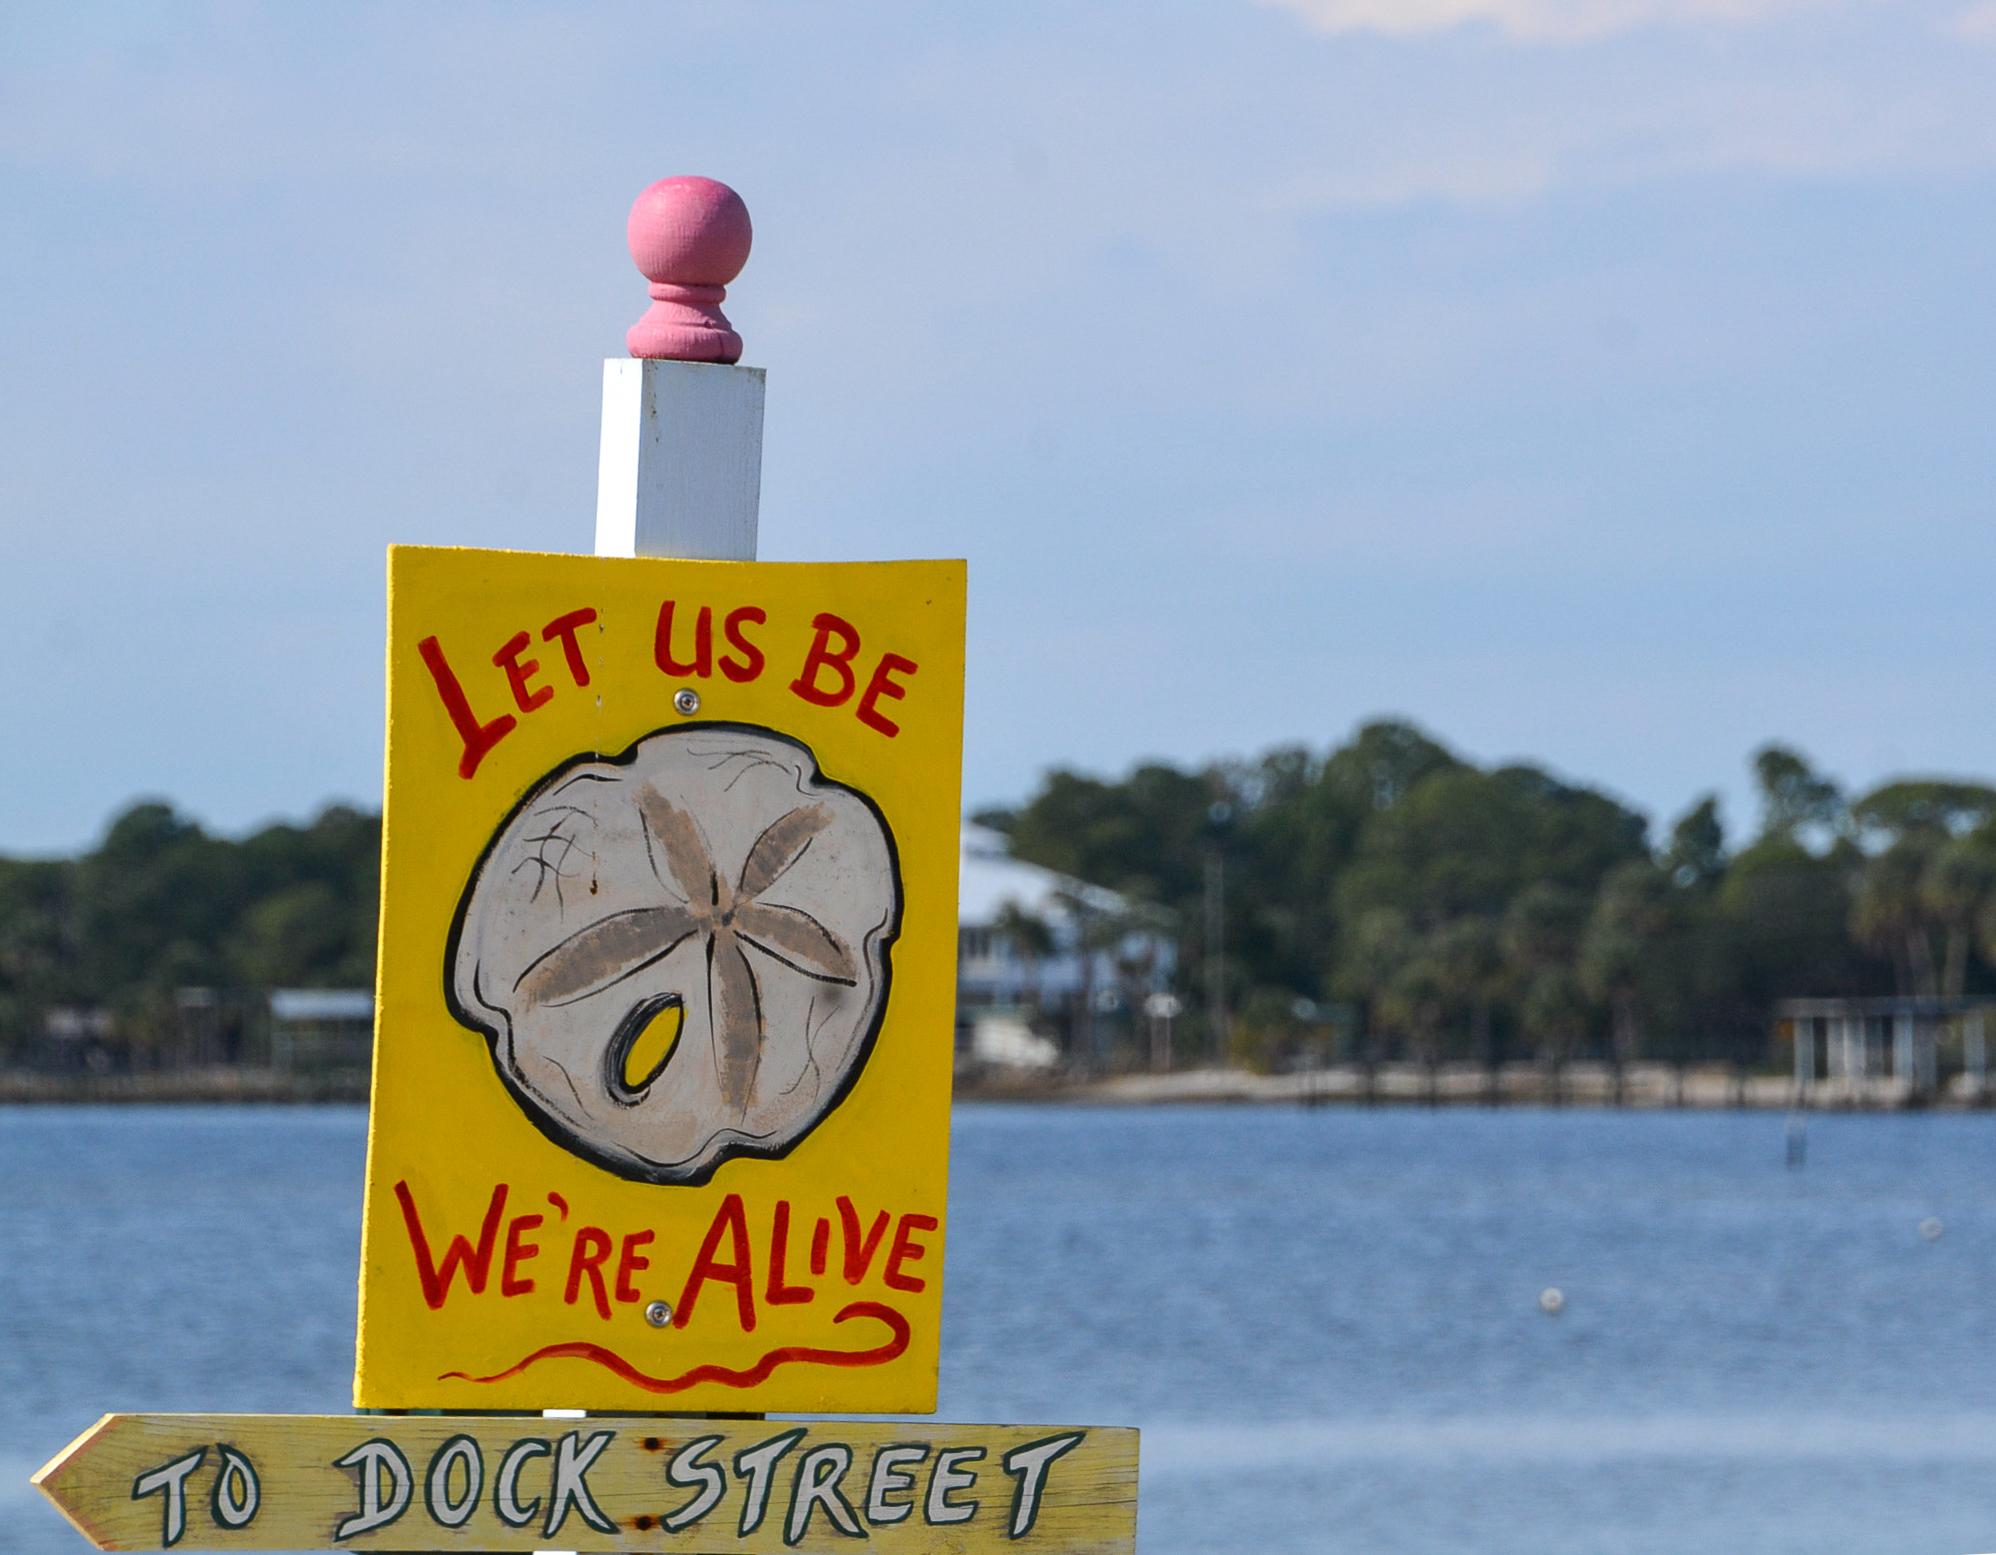 Seesterne sind in Florida keine Seltenheit, werden aber meist nicht als Lebewesen erkannt. Das scheint dieses Schild zu besagen.